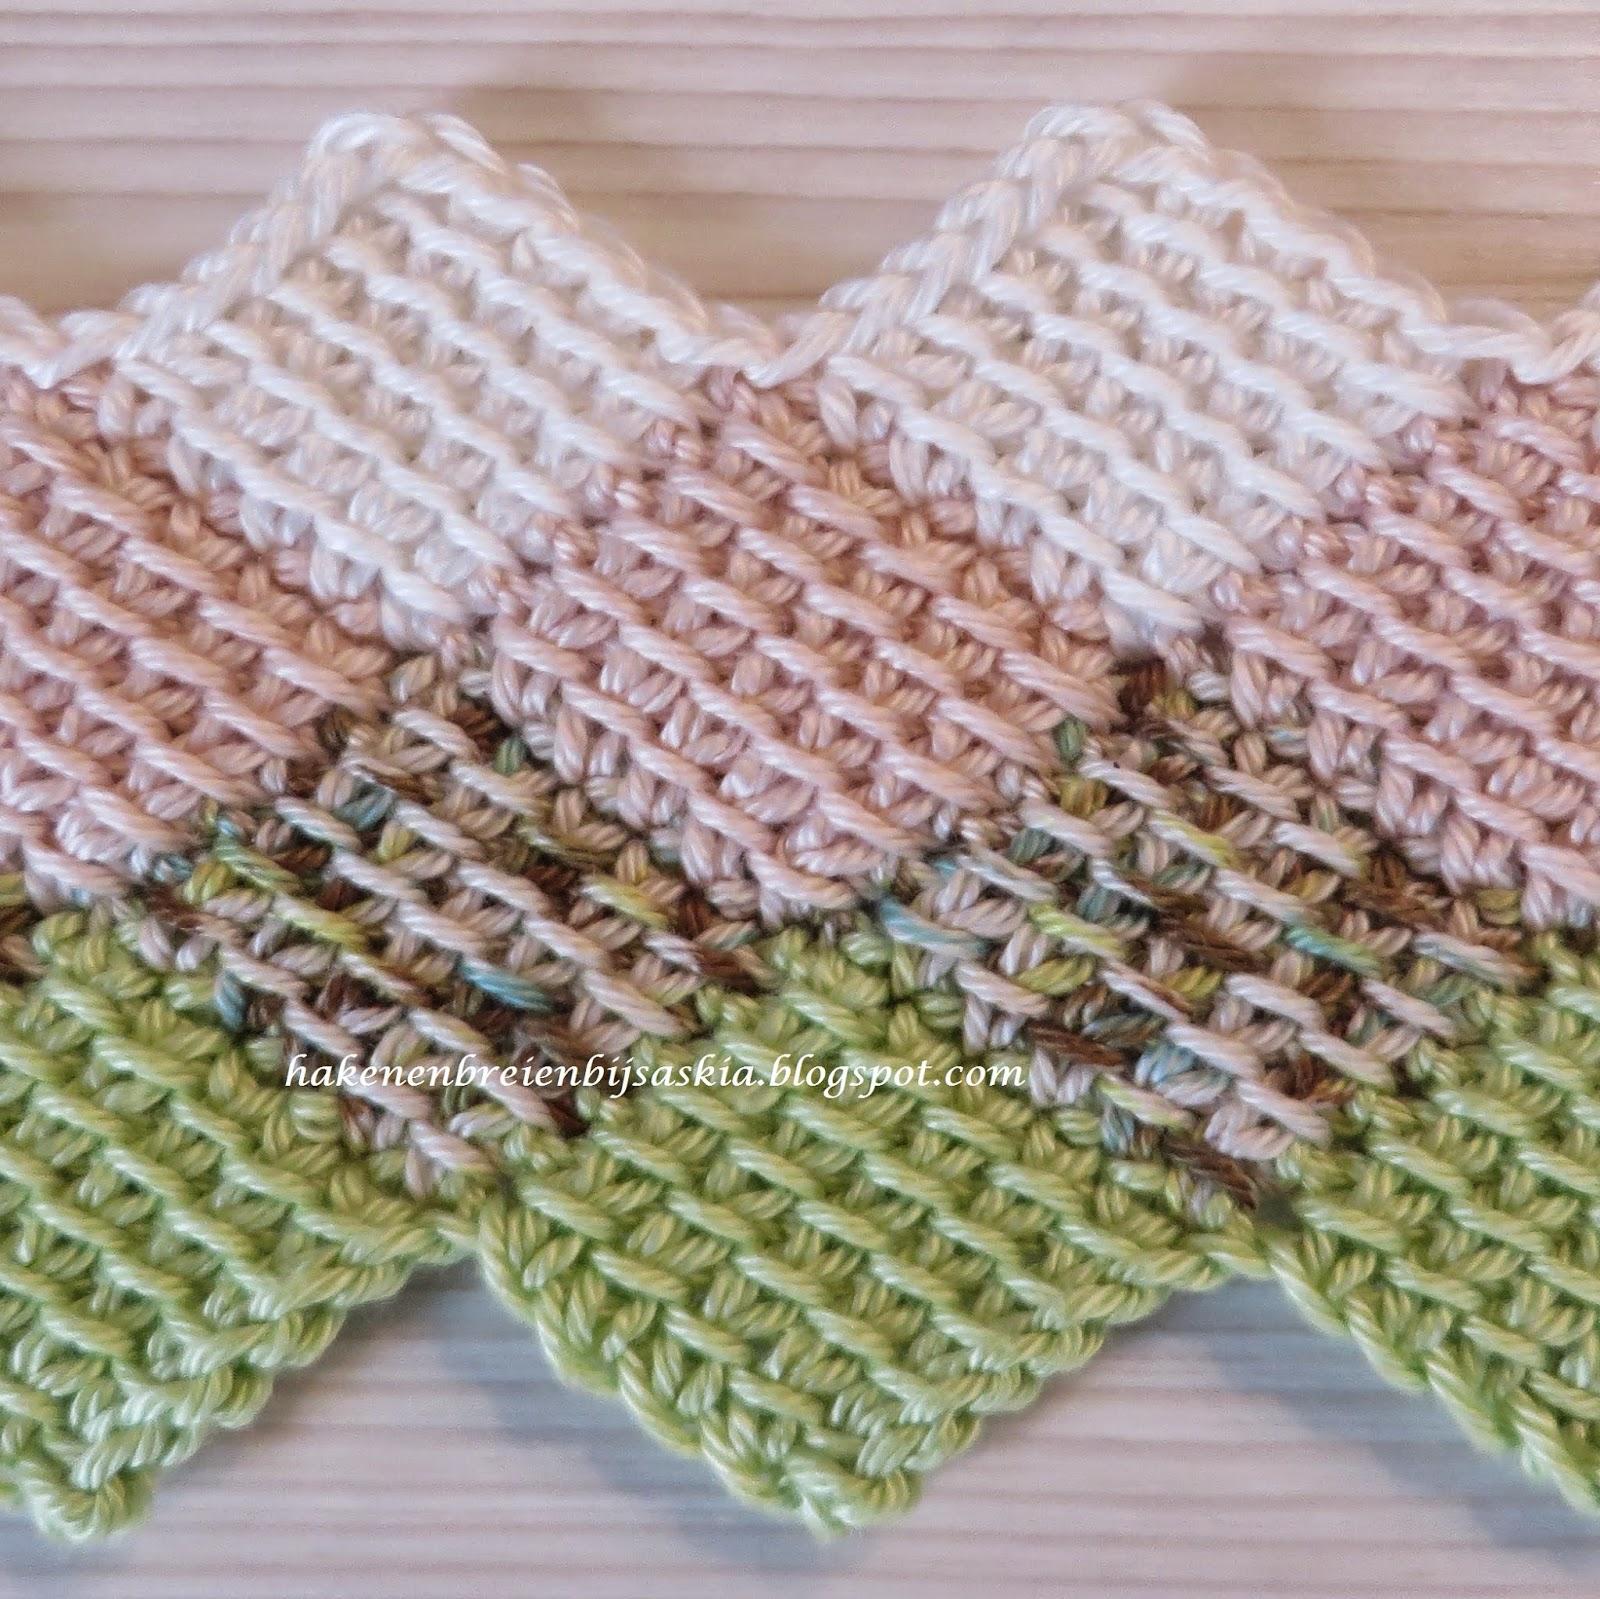 Tunisian Entrelac Crochet